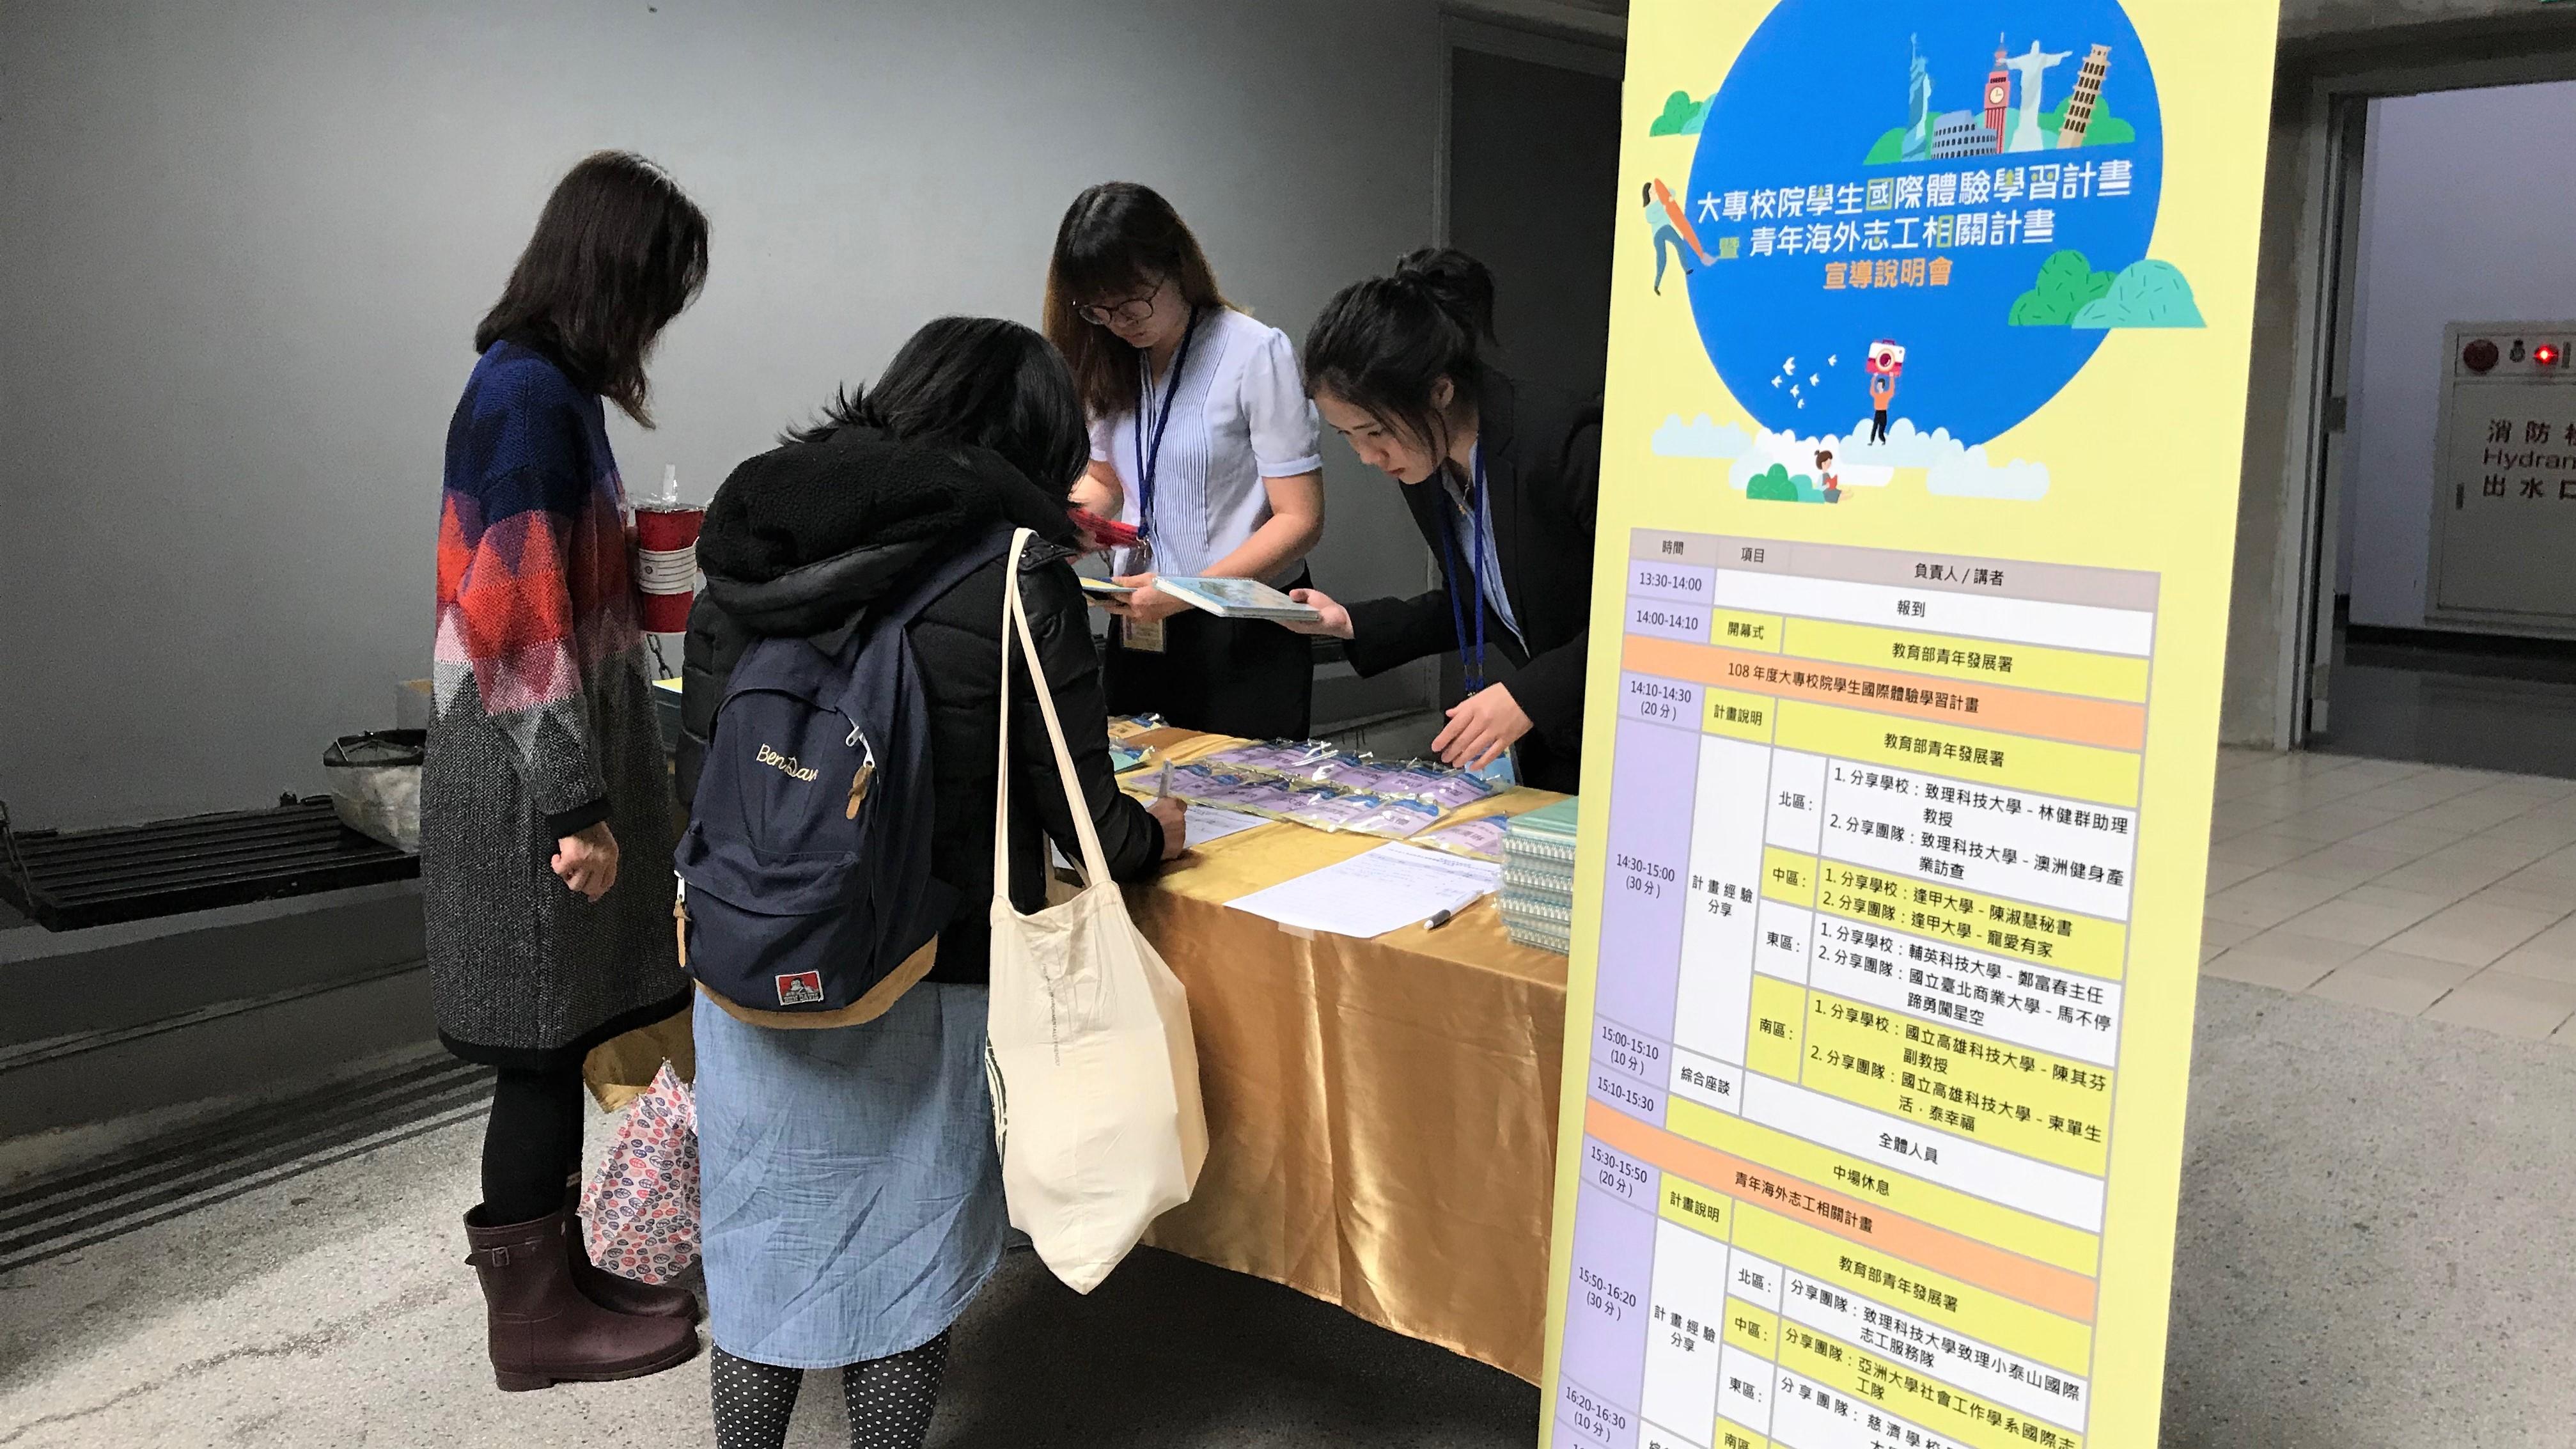 (圖一)參與的學員在會前報導並領取手冊